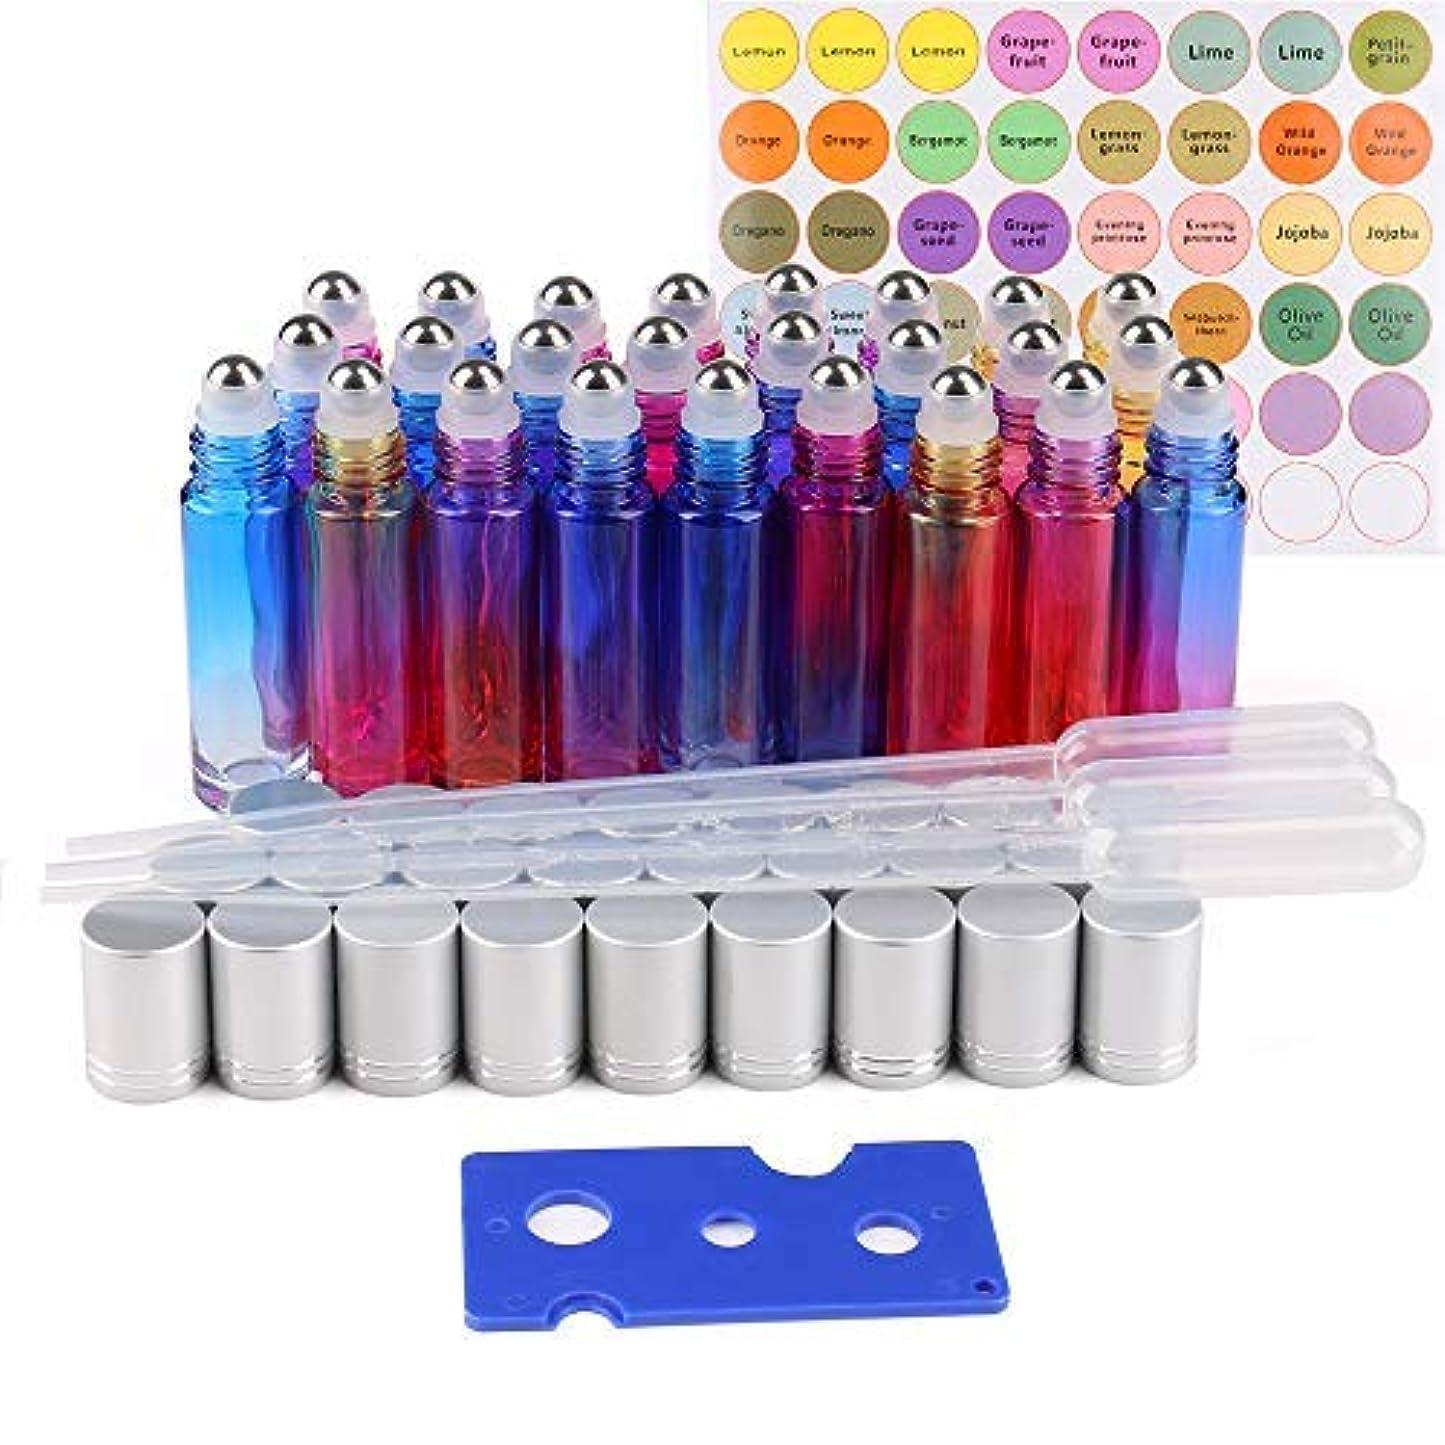 降伏監督する想像力豊かな25 Pack Essential Oil Roller Bottles, 10ml Gradient Color Roll on Bottles with Stainless Steel Roller Balls for...